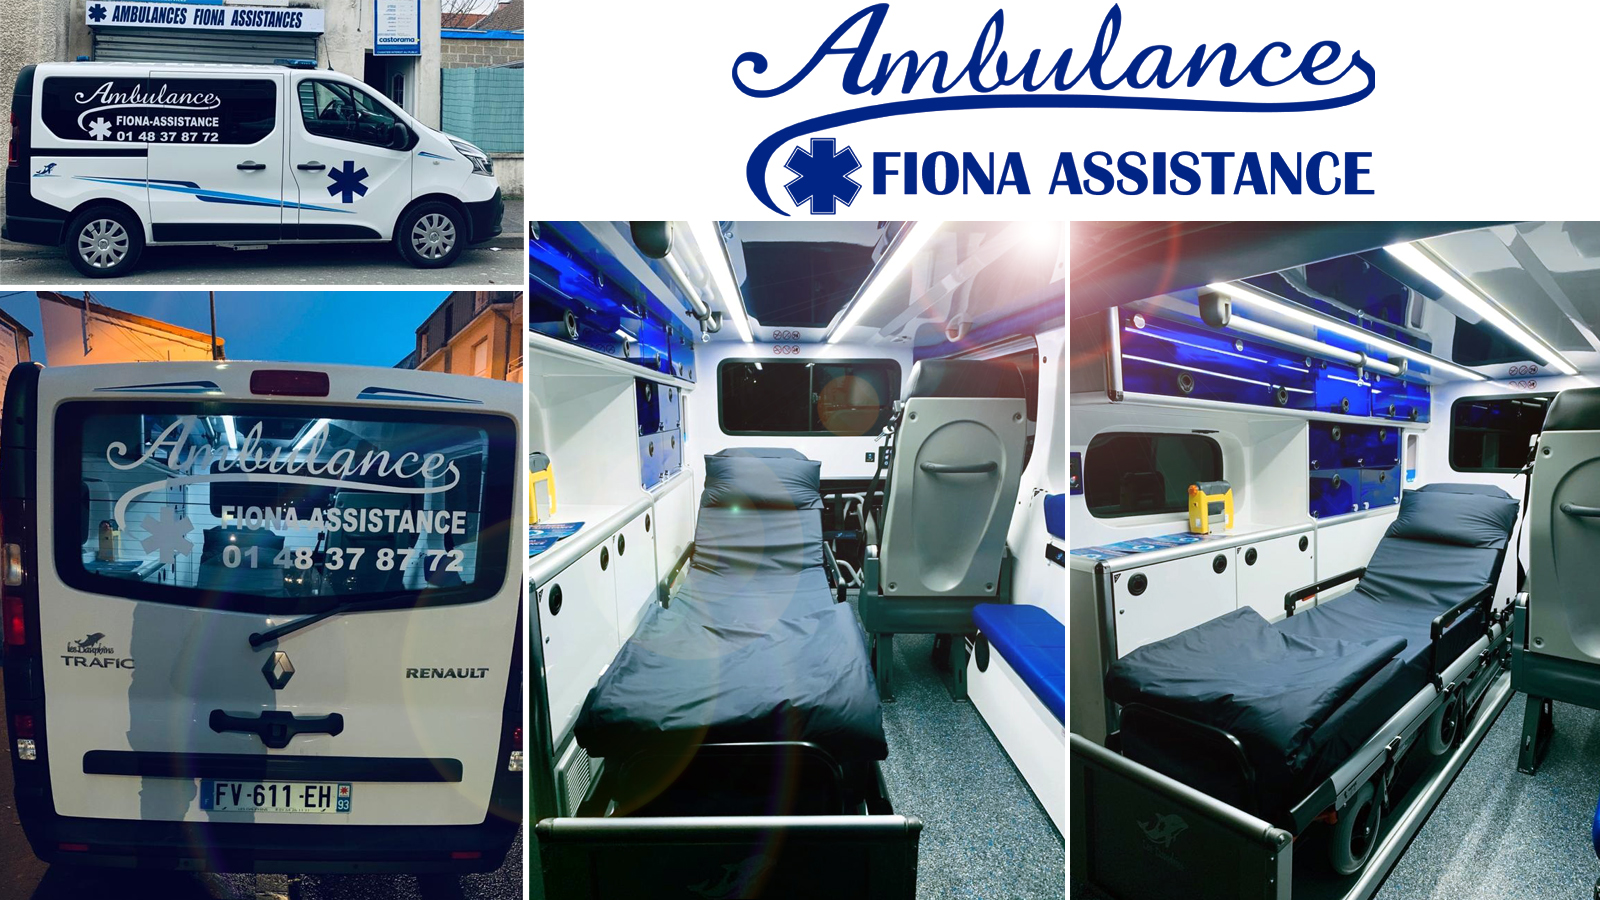 Ambulance 93